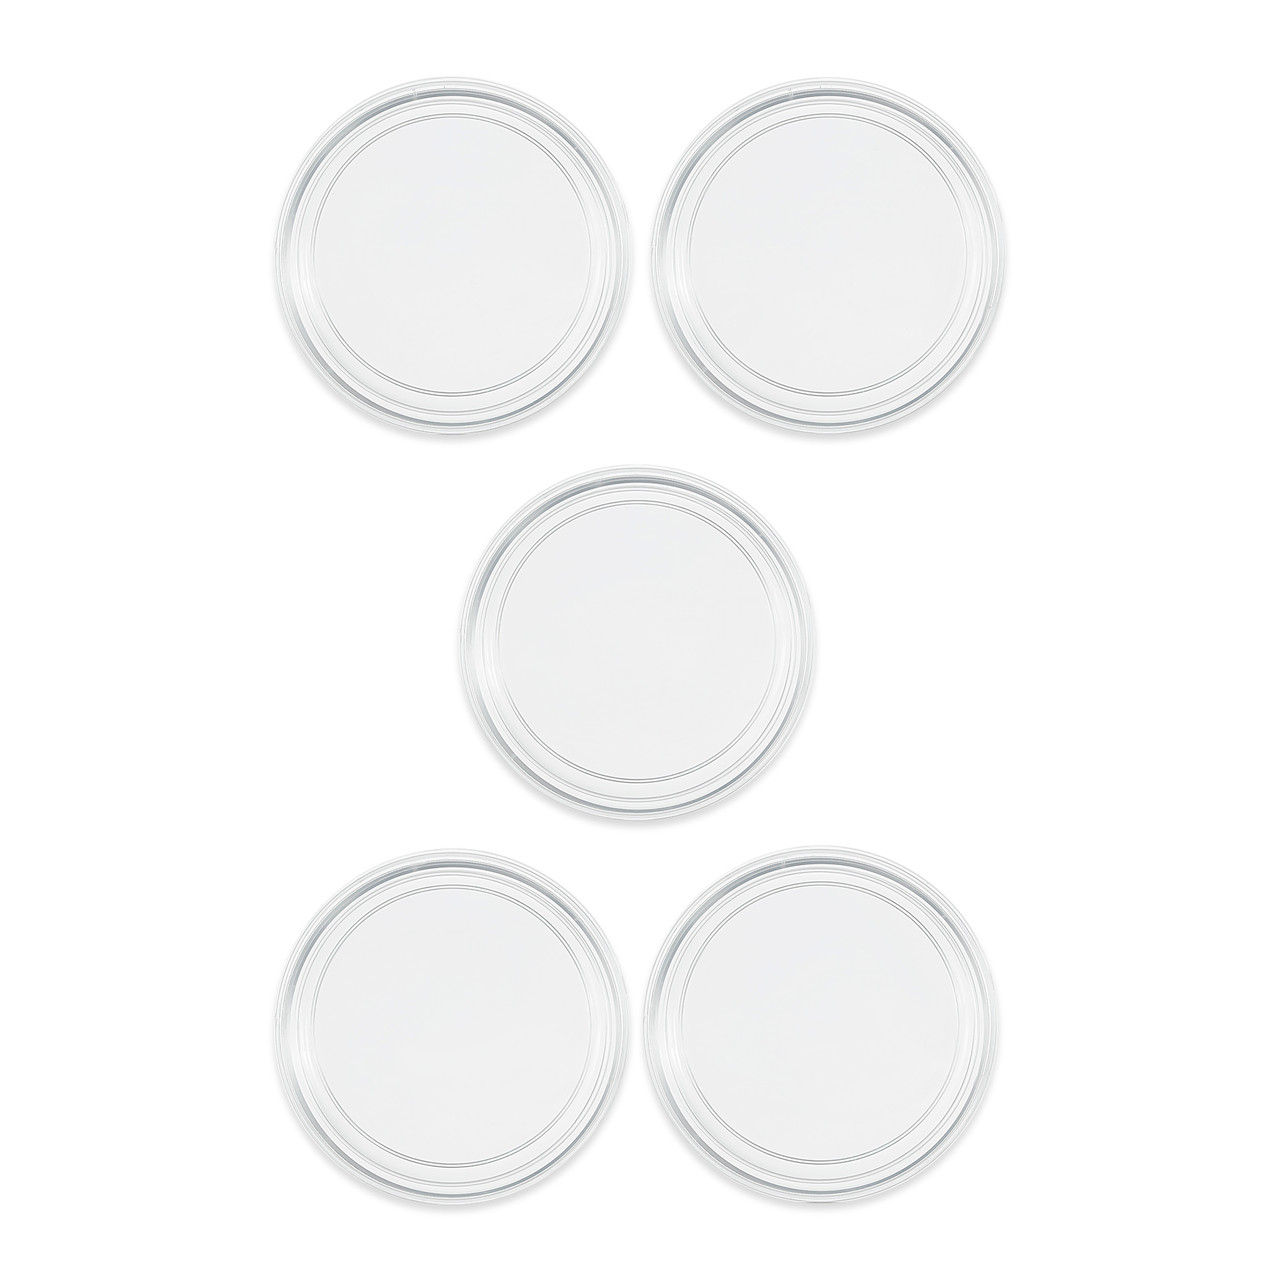 6cm petri dish